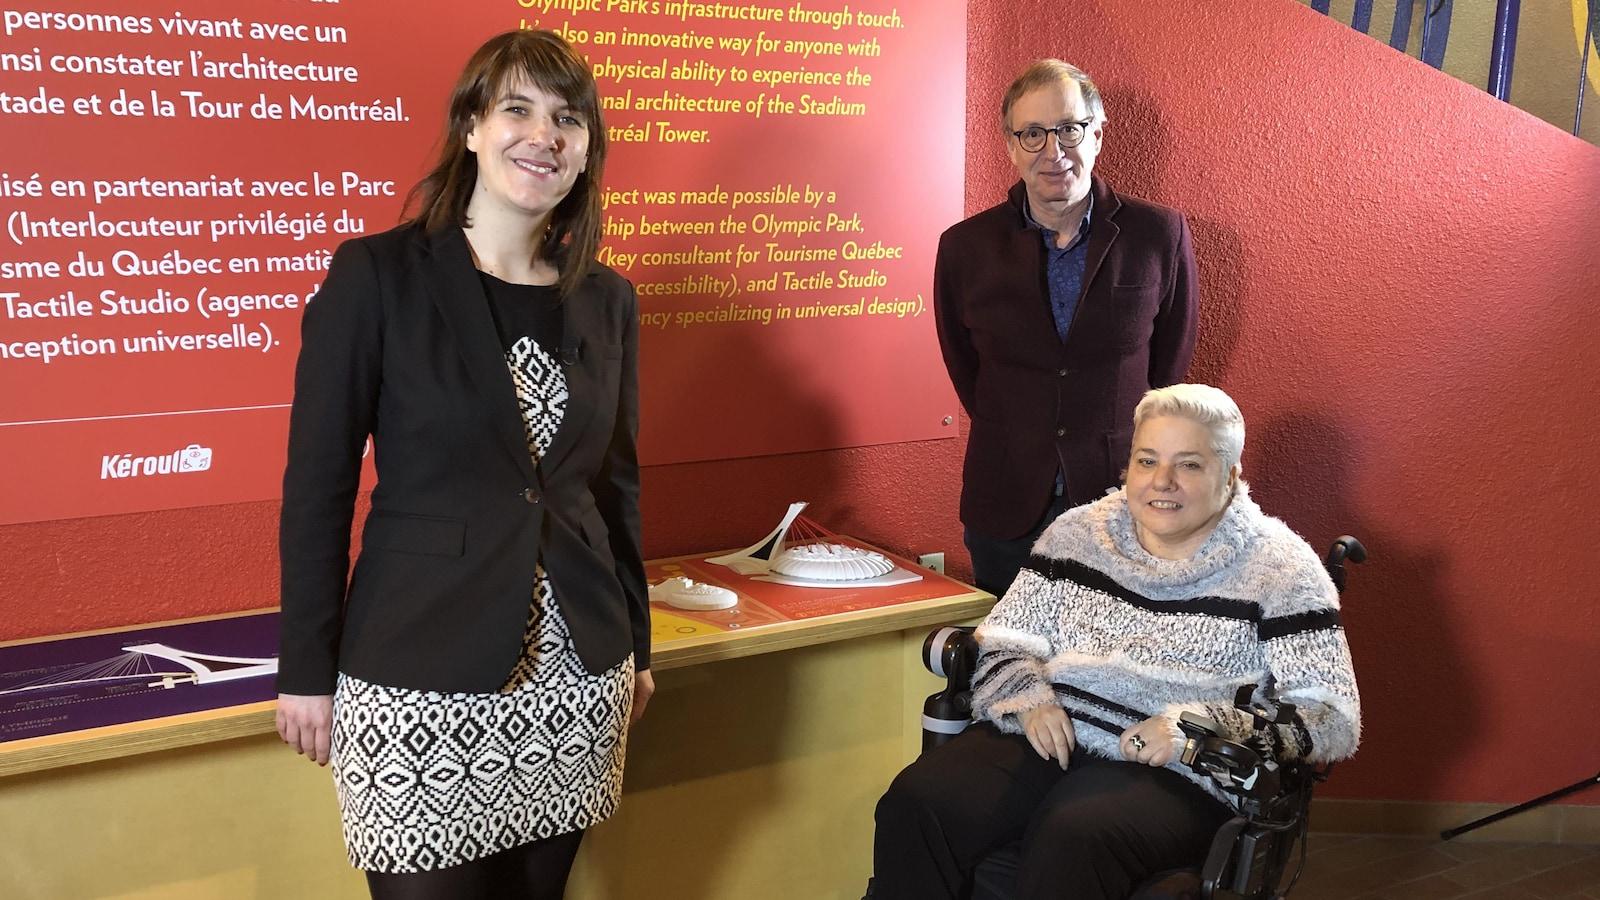 Aurélia Fleury (Tactile Studio Canada), Michel Labrecque (Parc olympique de Montré©al) et Isabelle Ducharme (Kéroul).